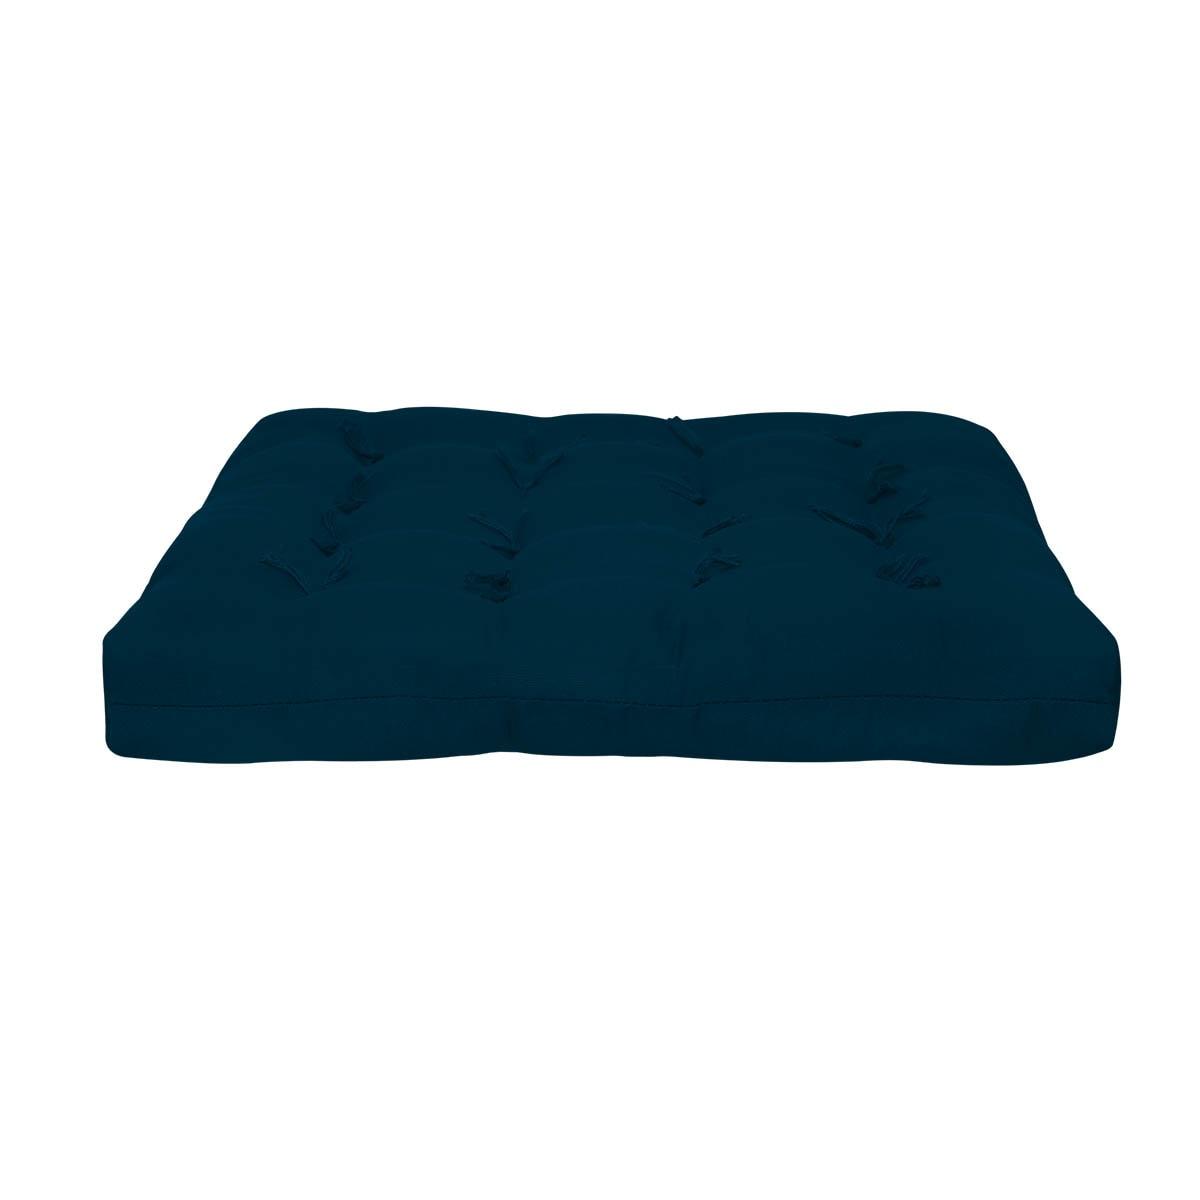 almofada almofada para banco 16.jpg #002637 1200x1200